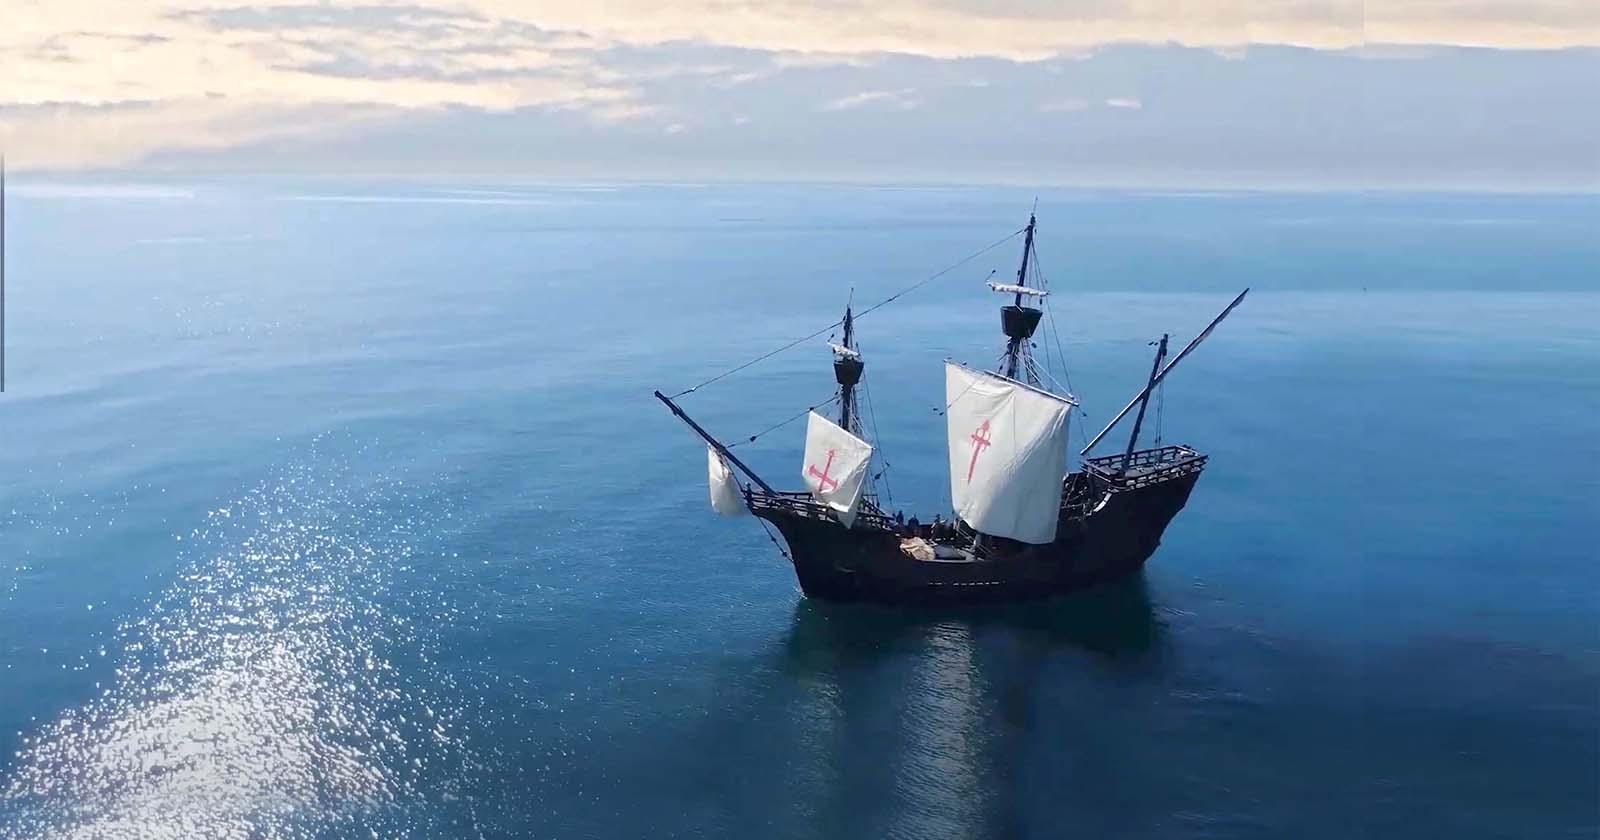 """Documental """"La gran travesía"""" revive la histórica epopeya de Fernando de Magallanes"""